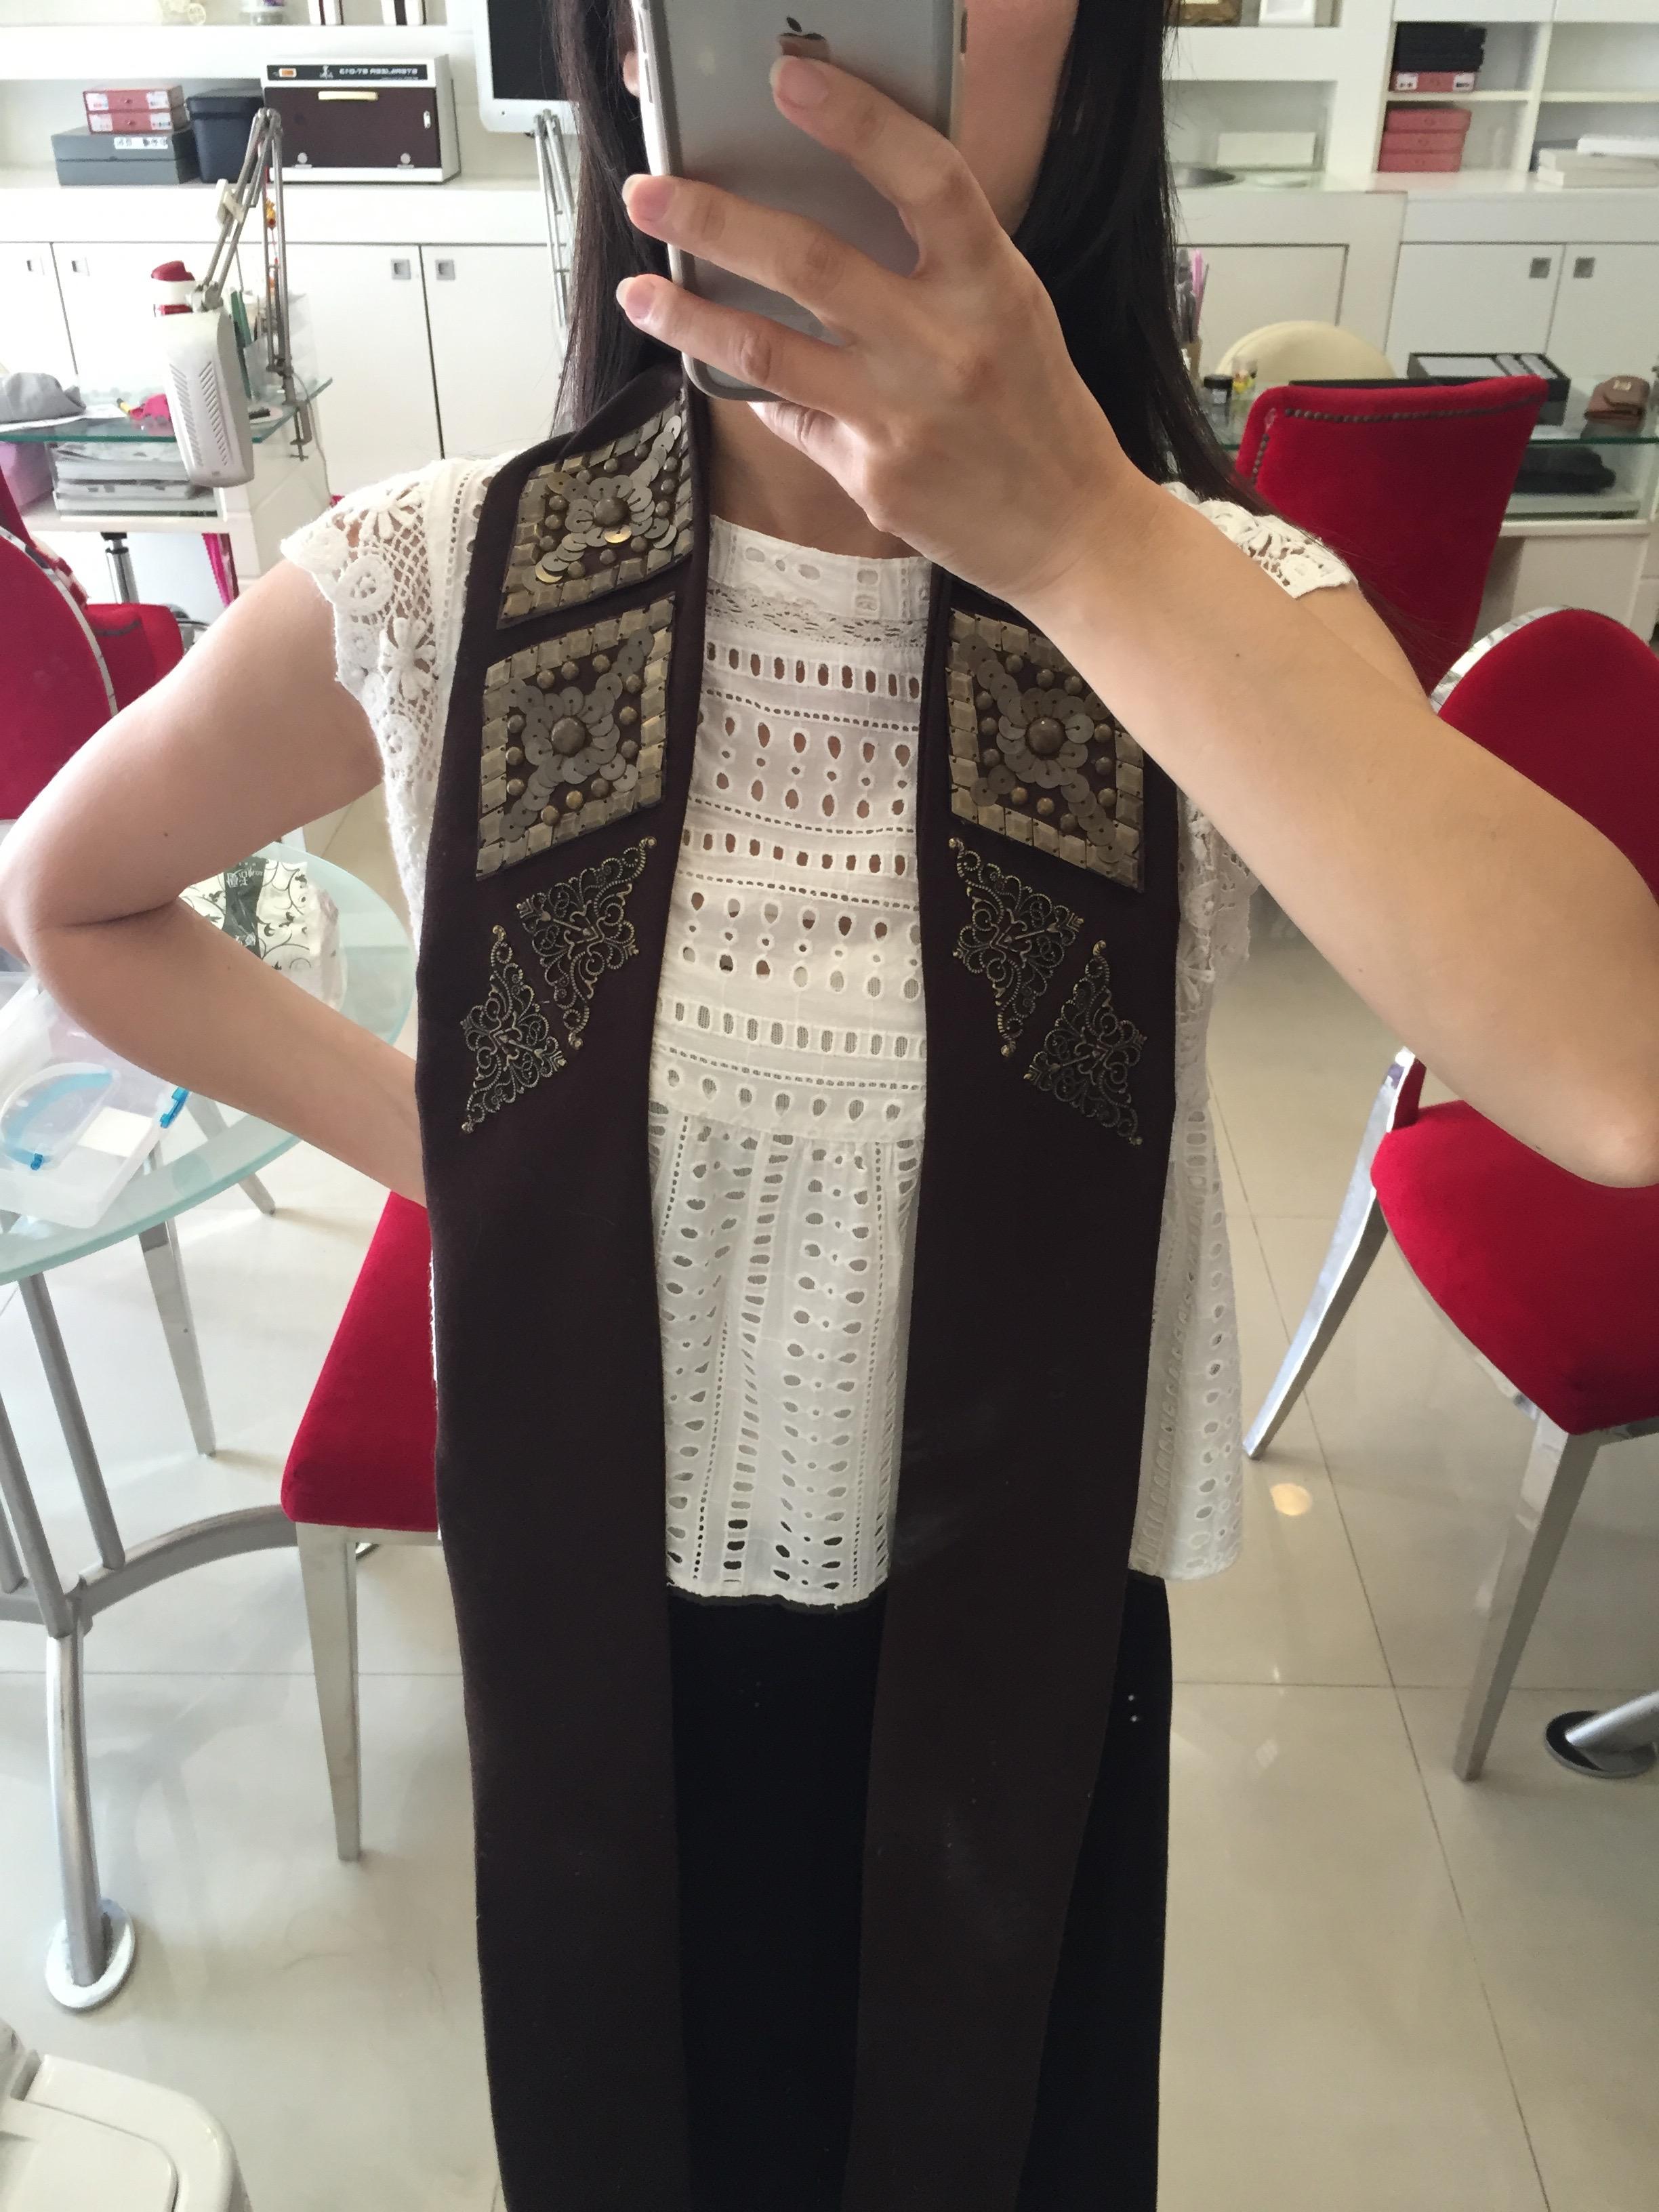 我親手縫製的披肩服裝配飾